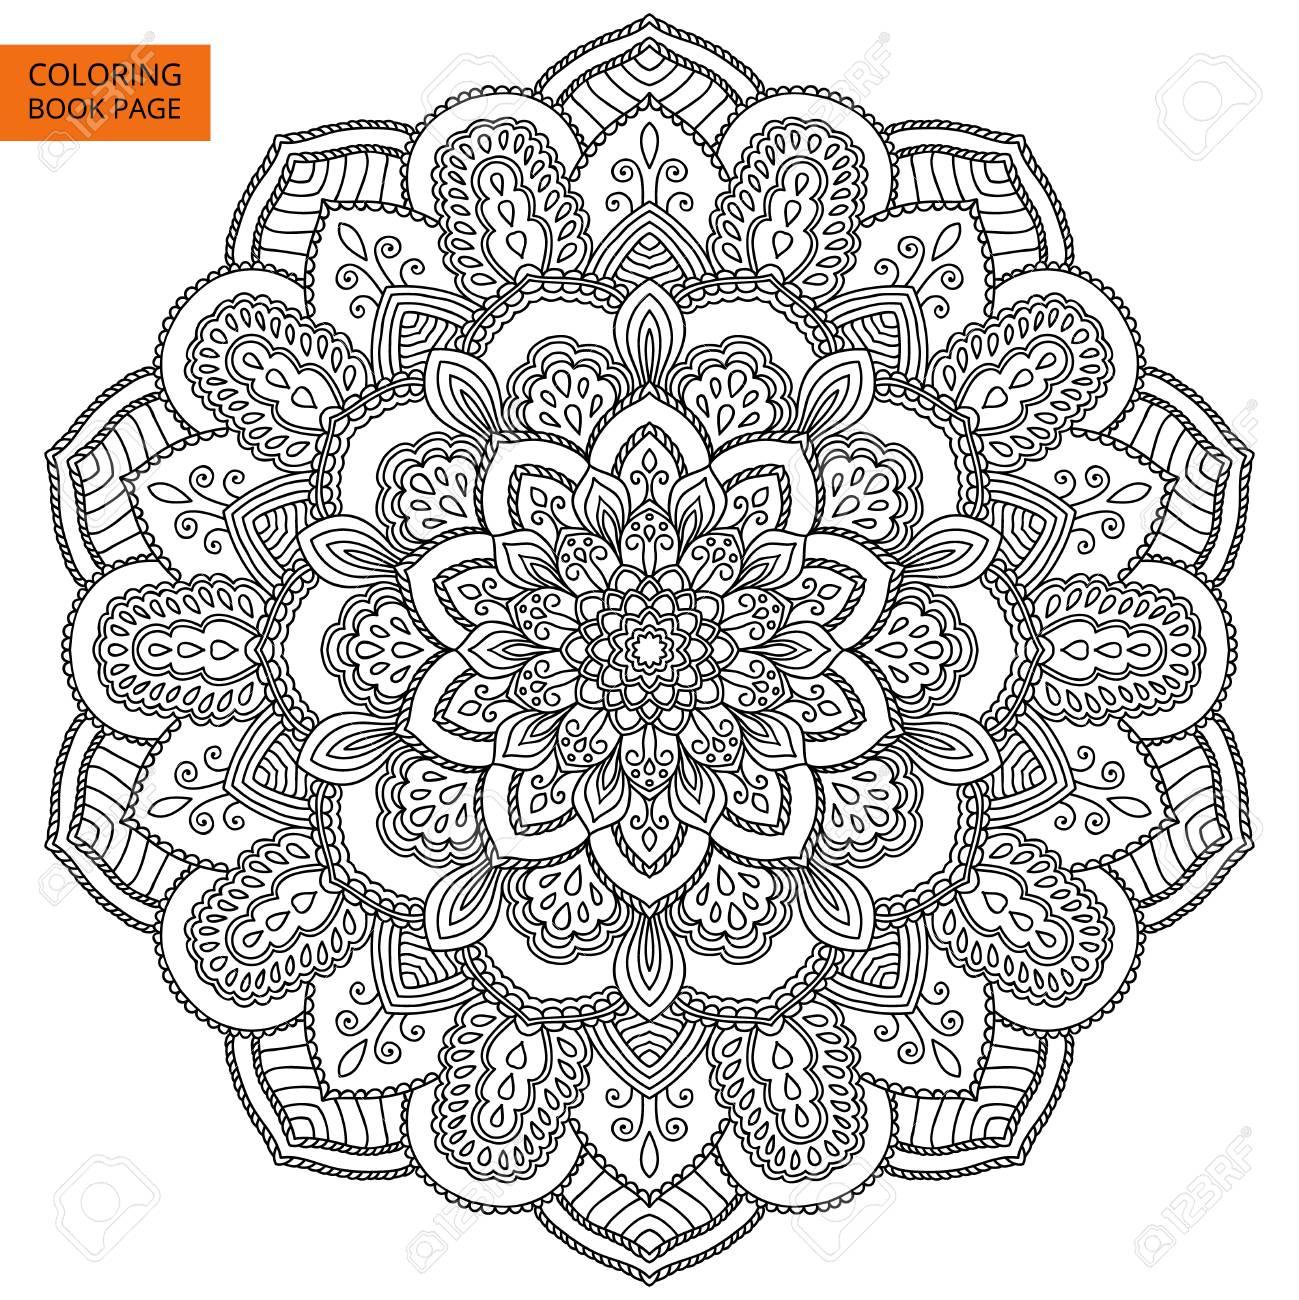 Schwarz Mandala Für Malbuch. Line-Mandala Auf Weißem Hintergrund ...